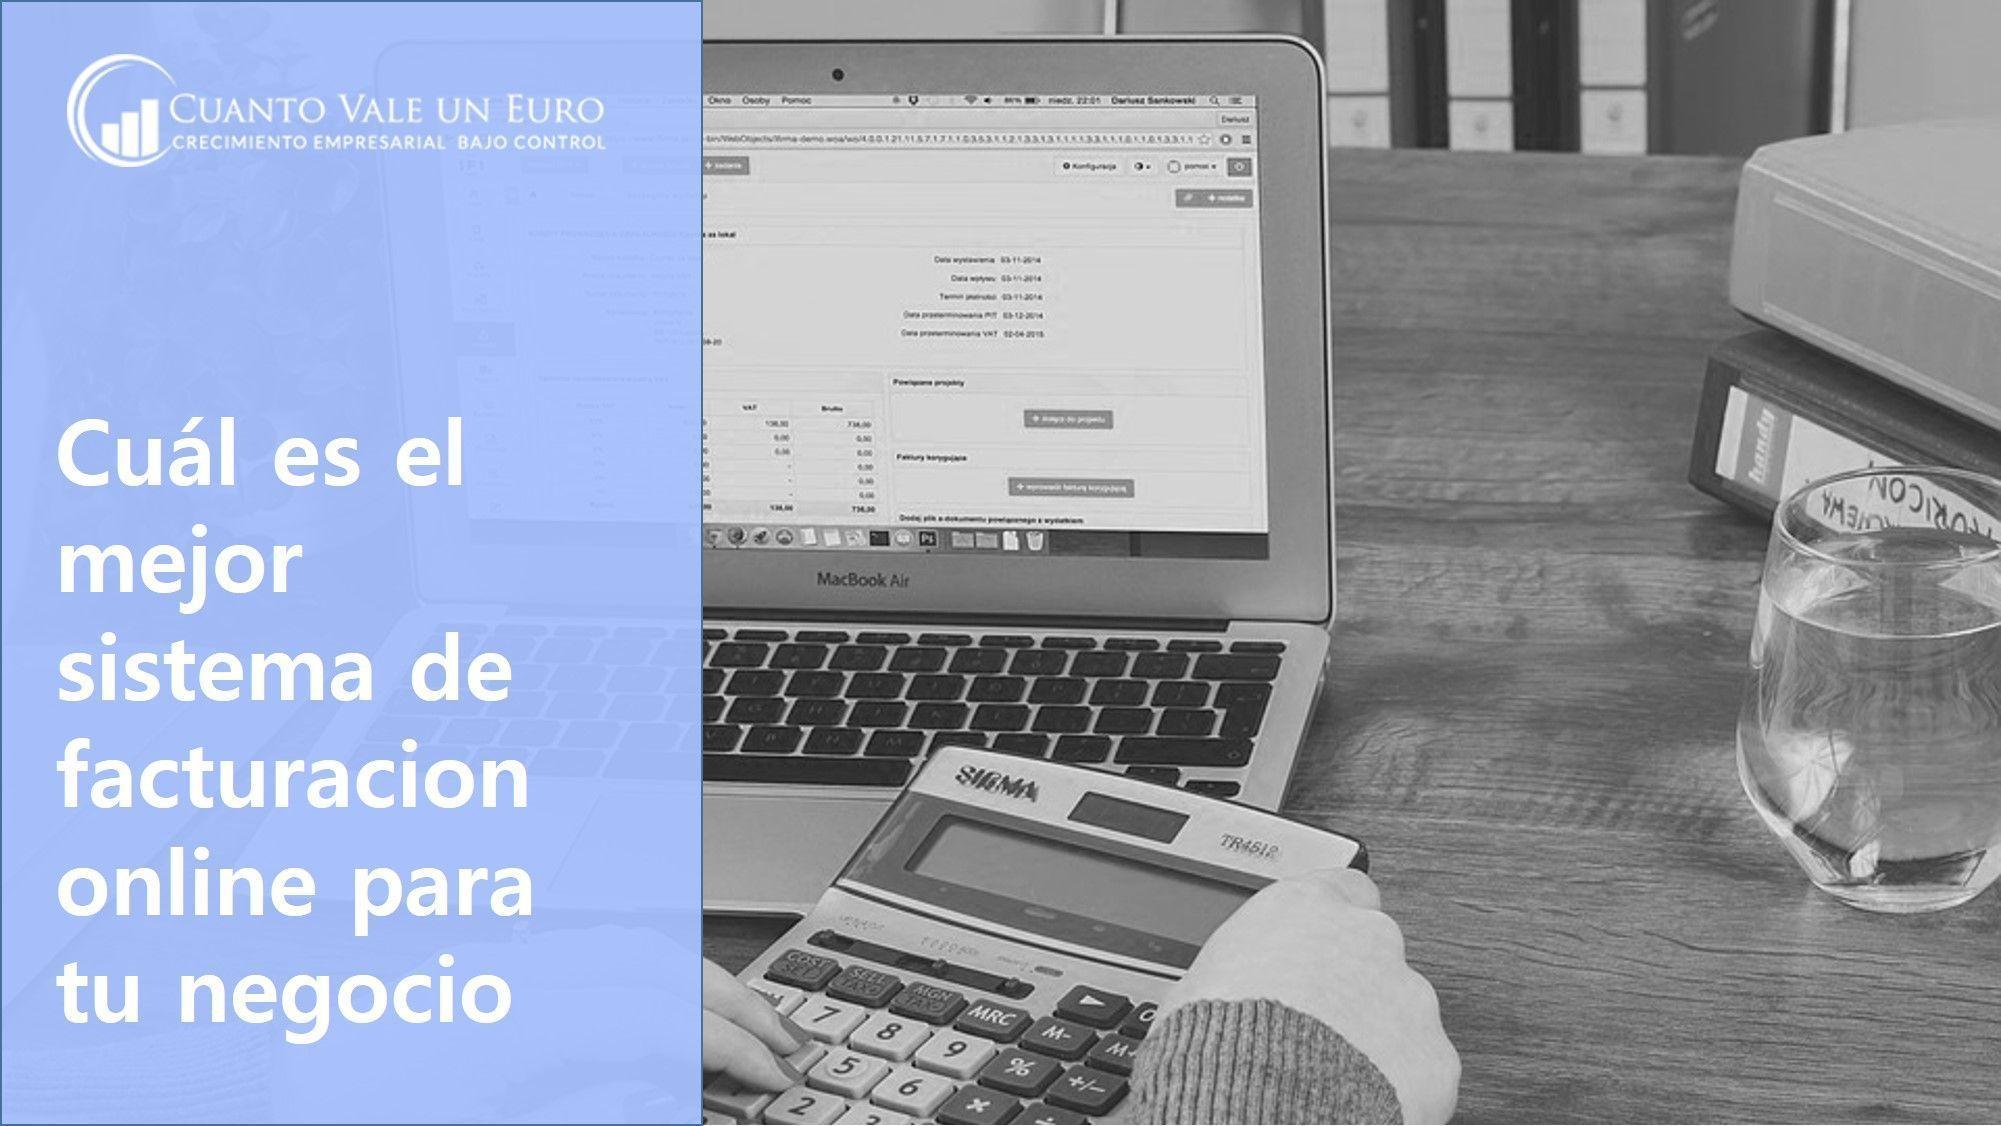 Cuál es el mejor sistema de facturacion online para tu negocio